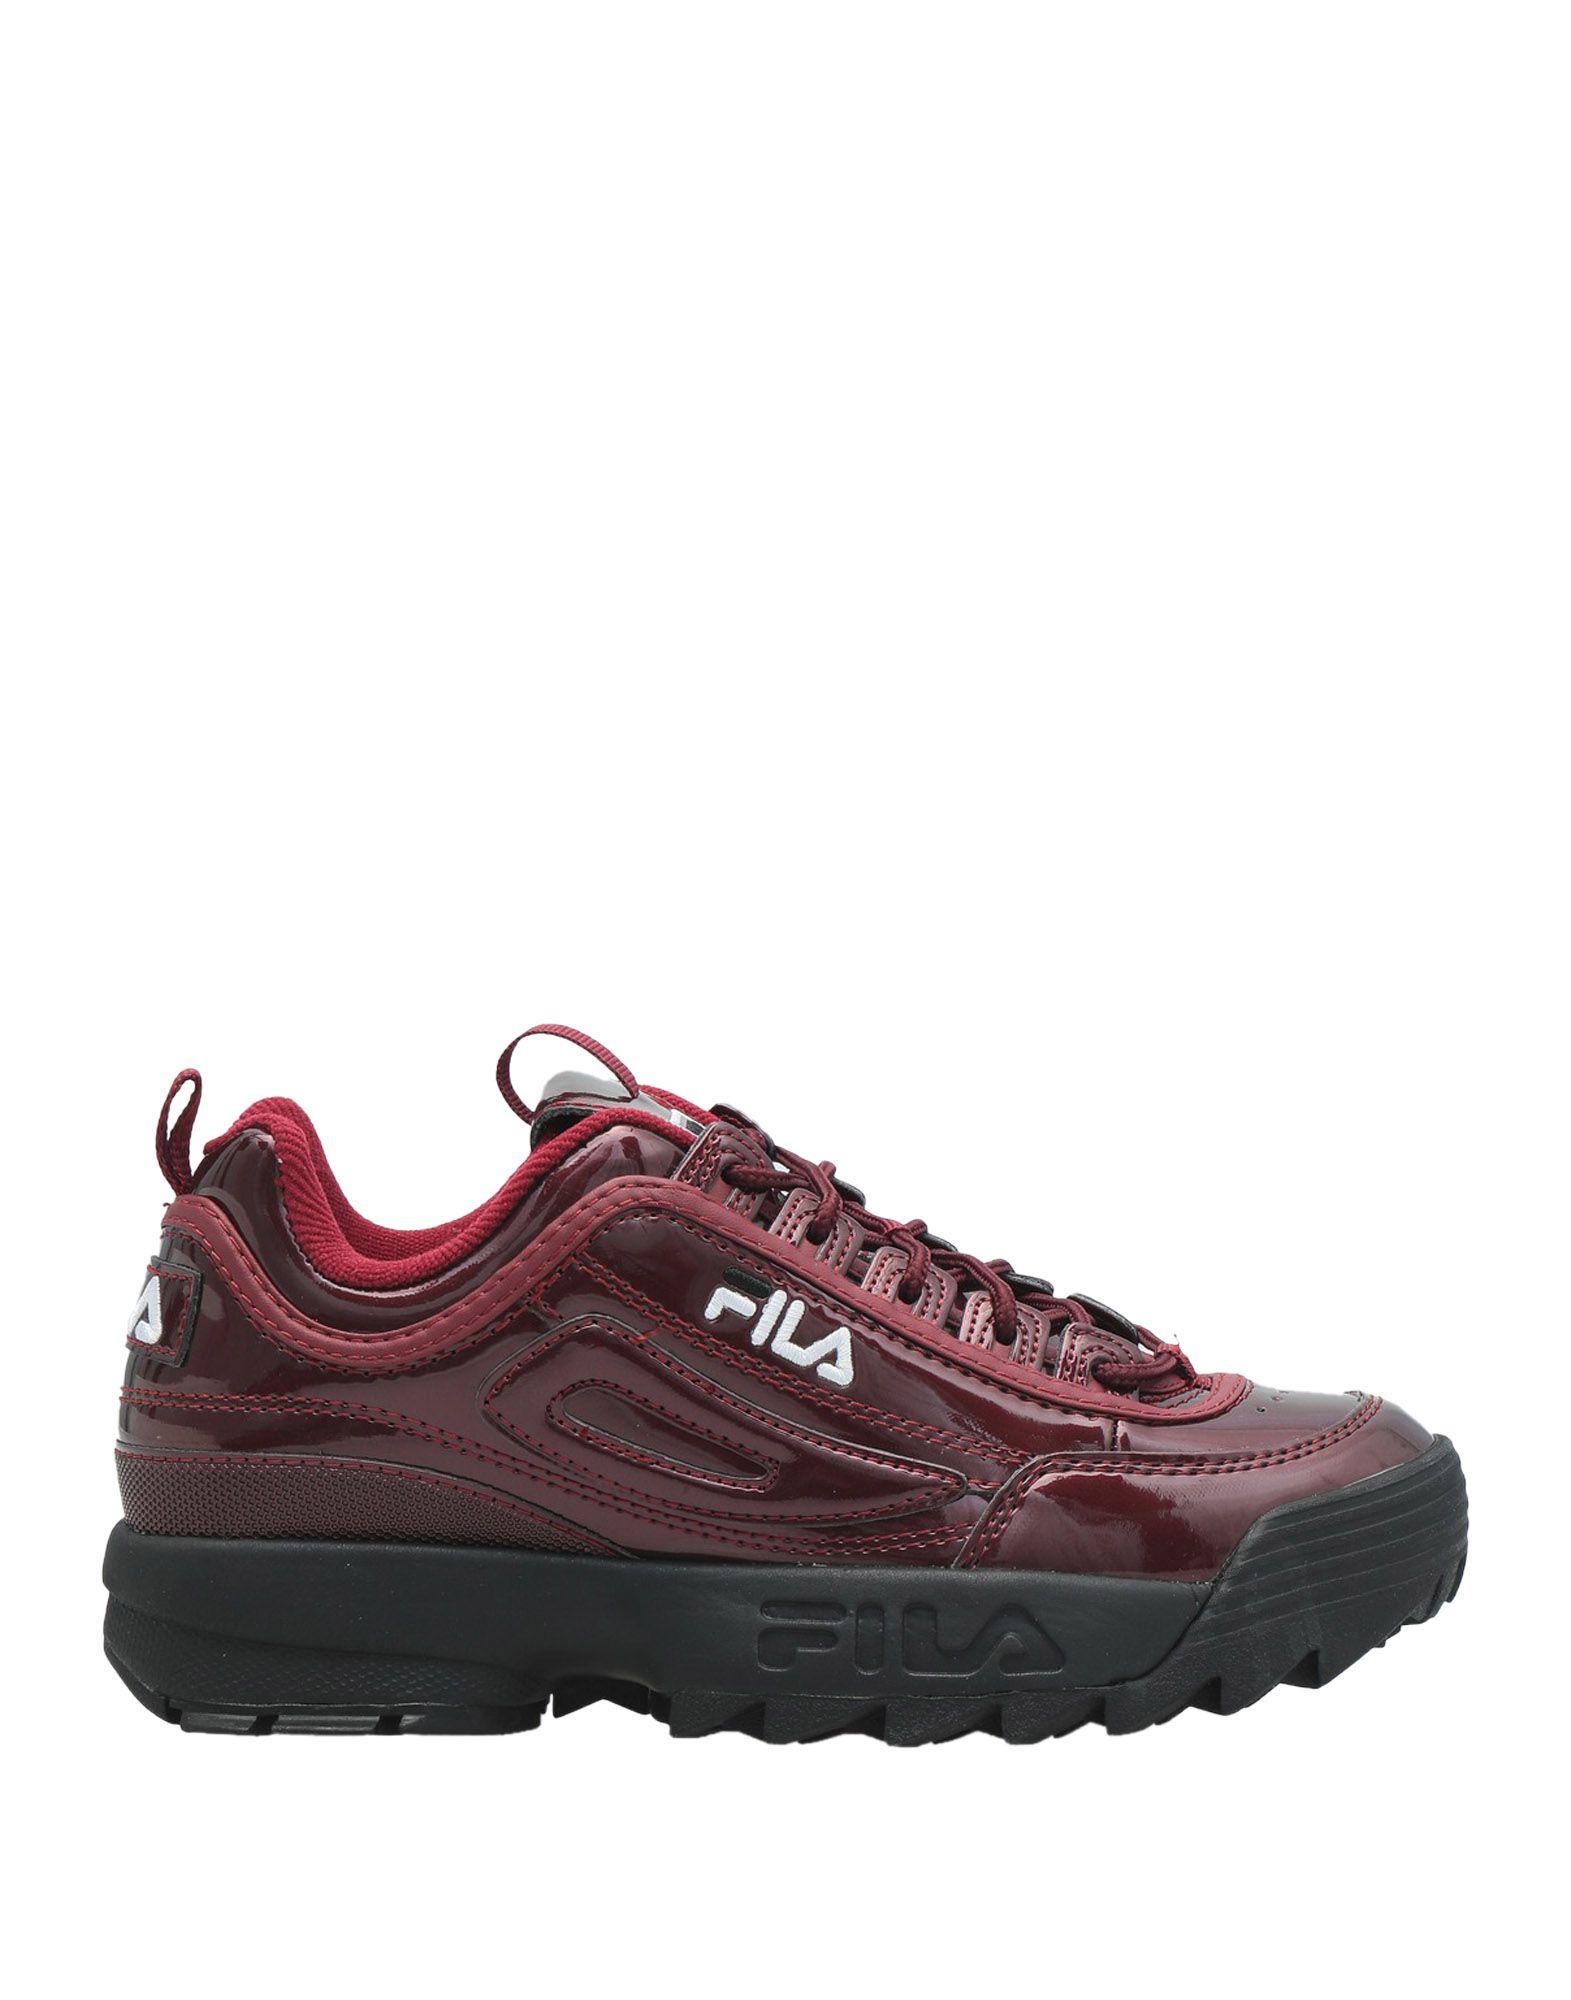 fila boots Burdeos